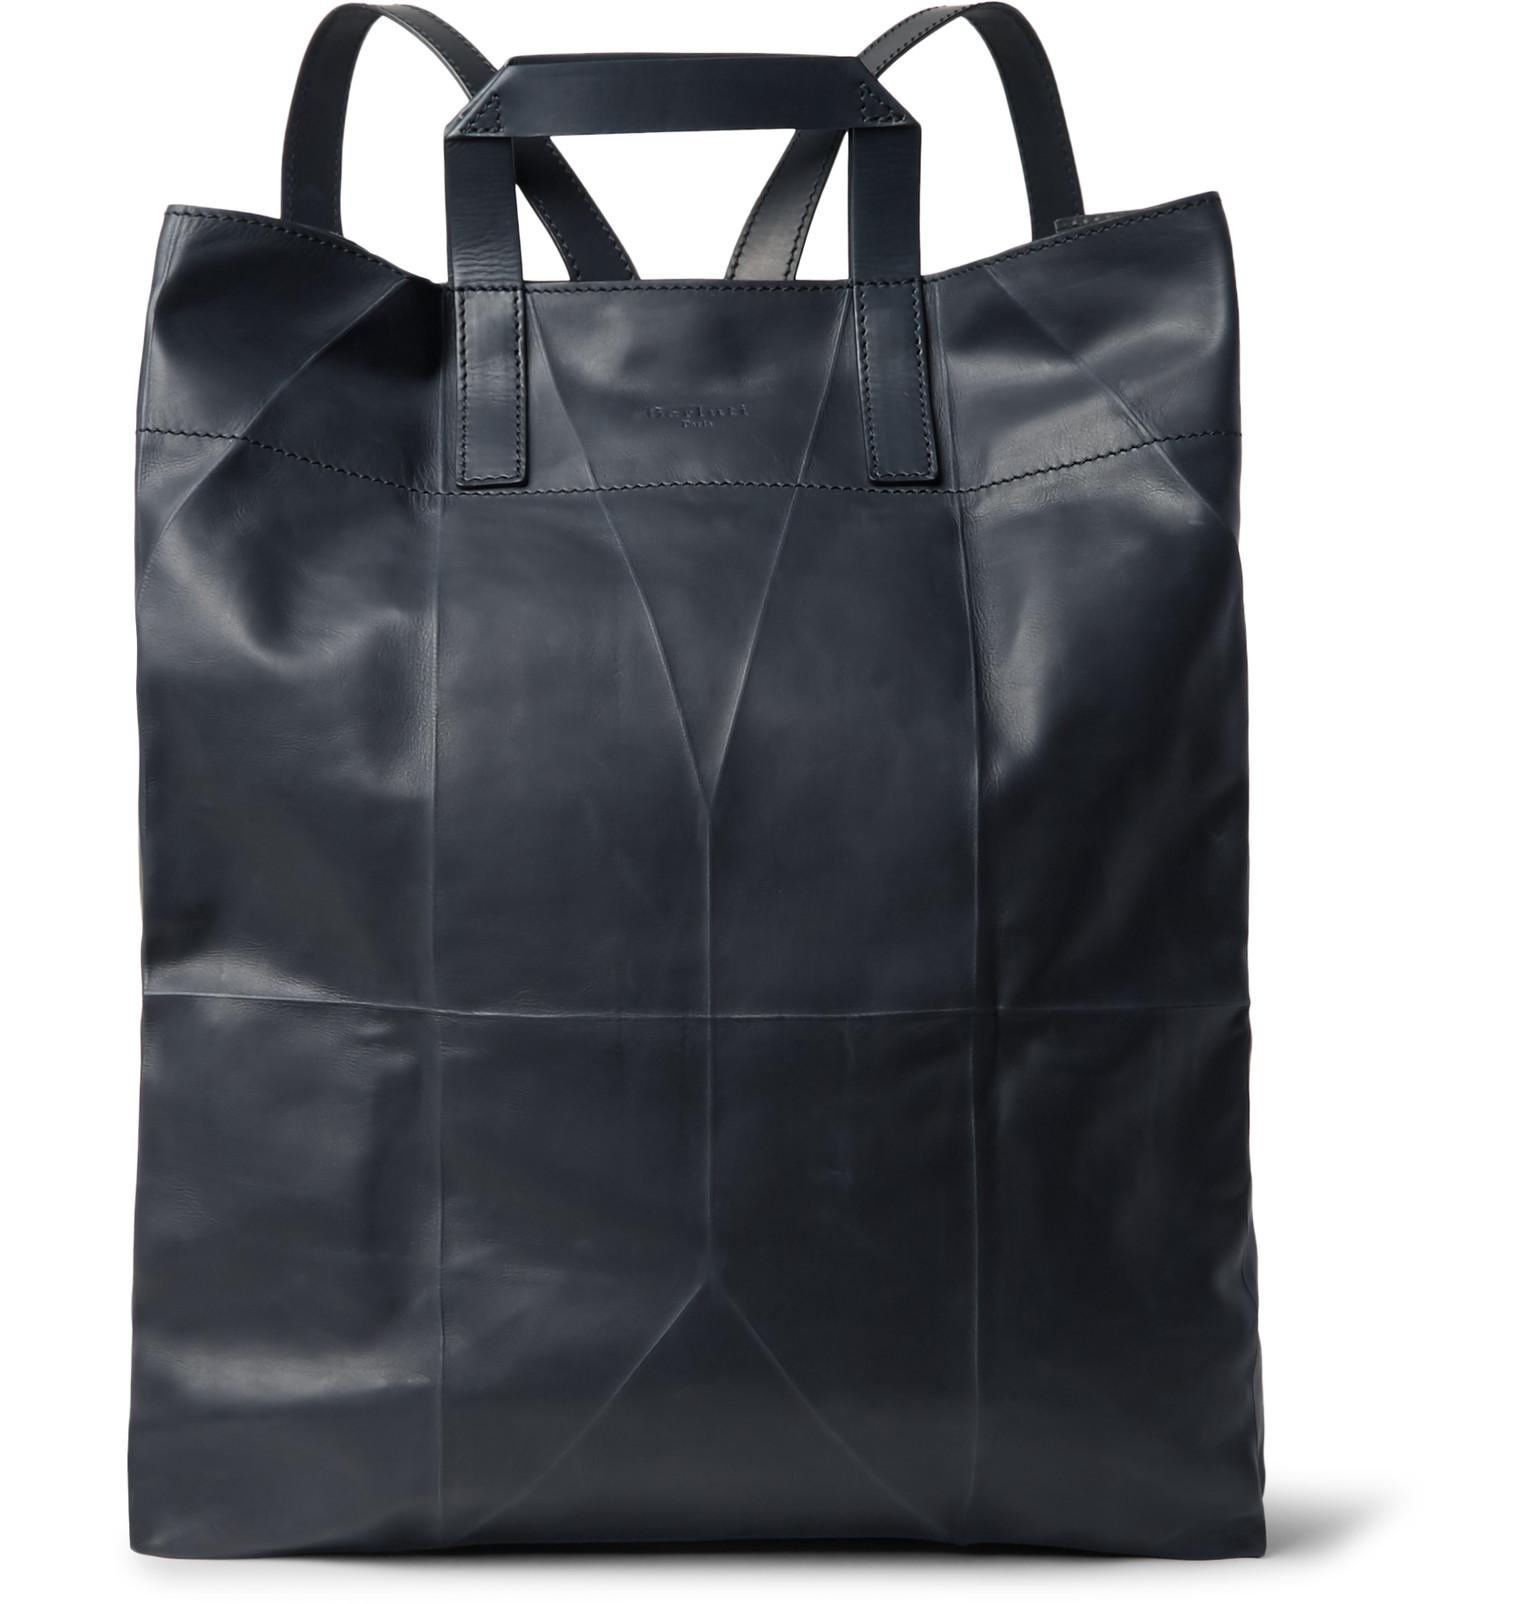 ysl fringe bag - Men's Designer Bags - Shop Men's Fashion Online at MR PORTER